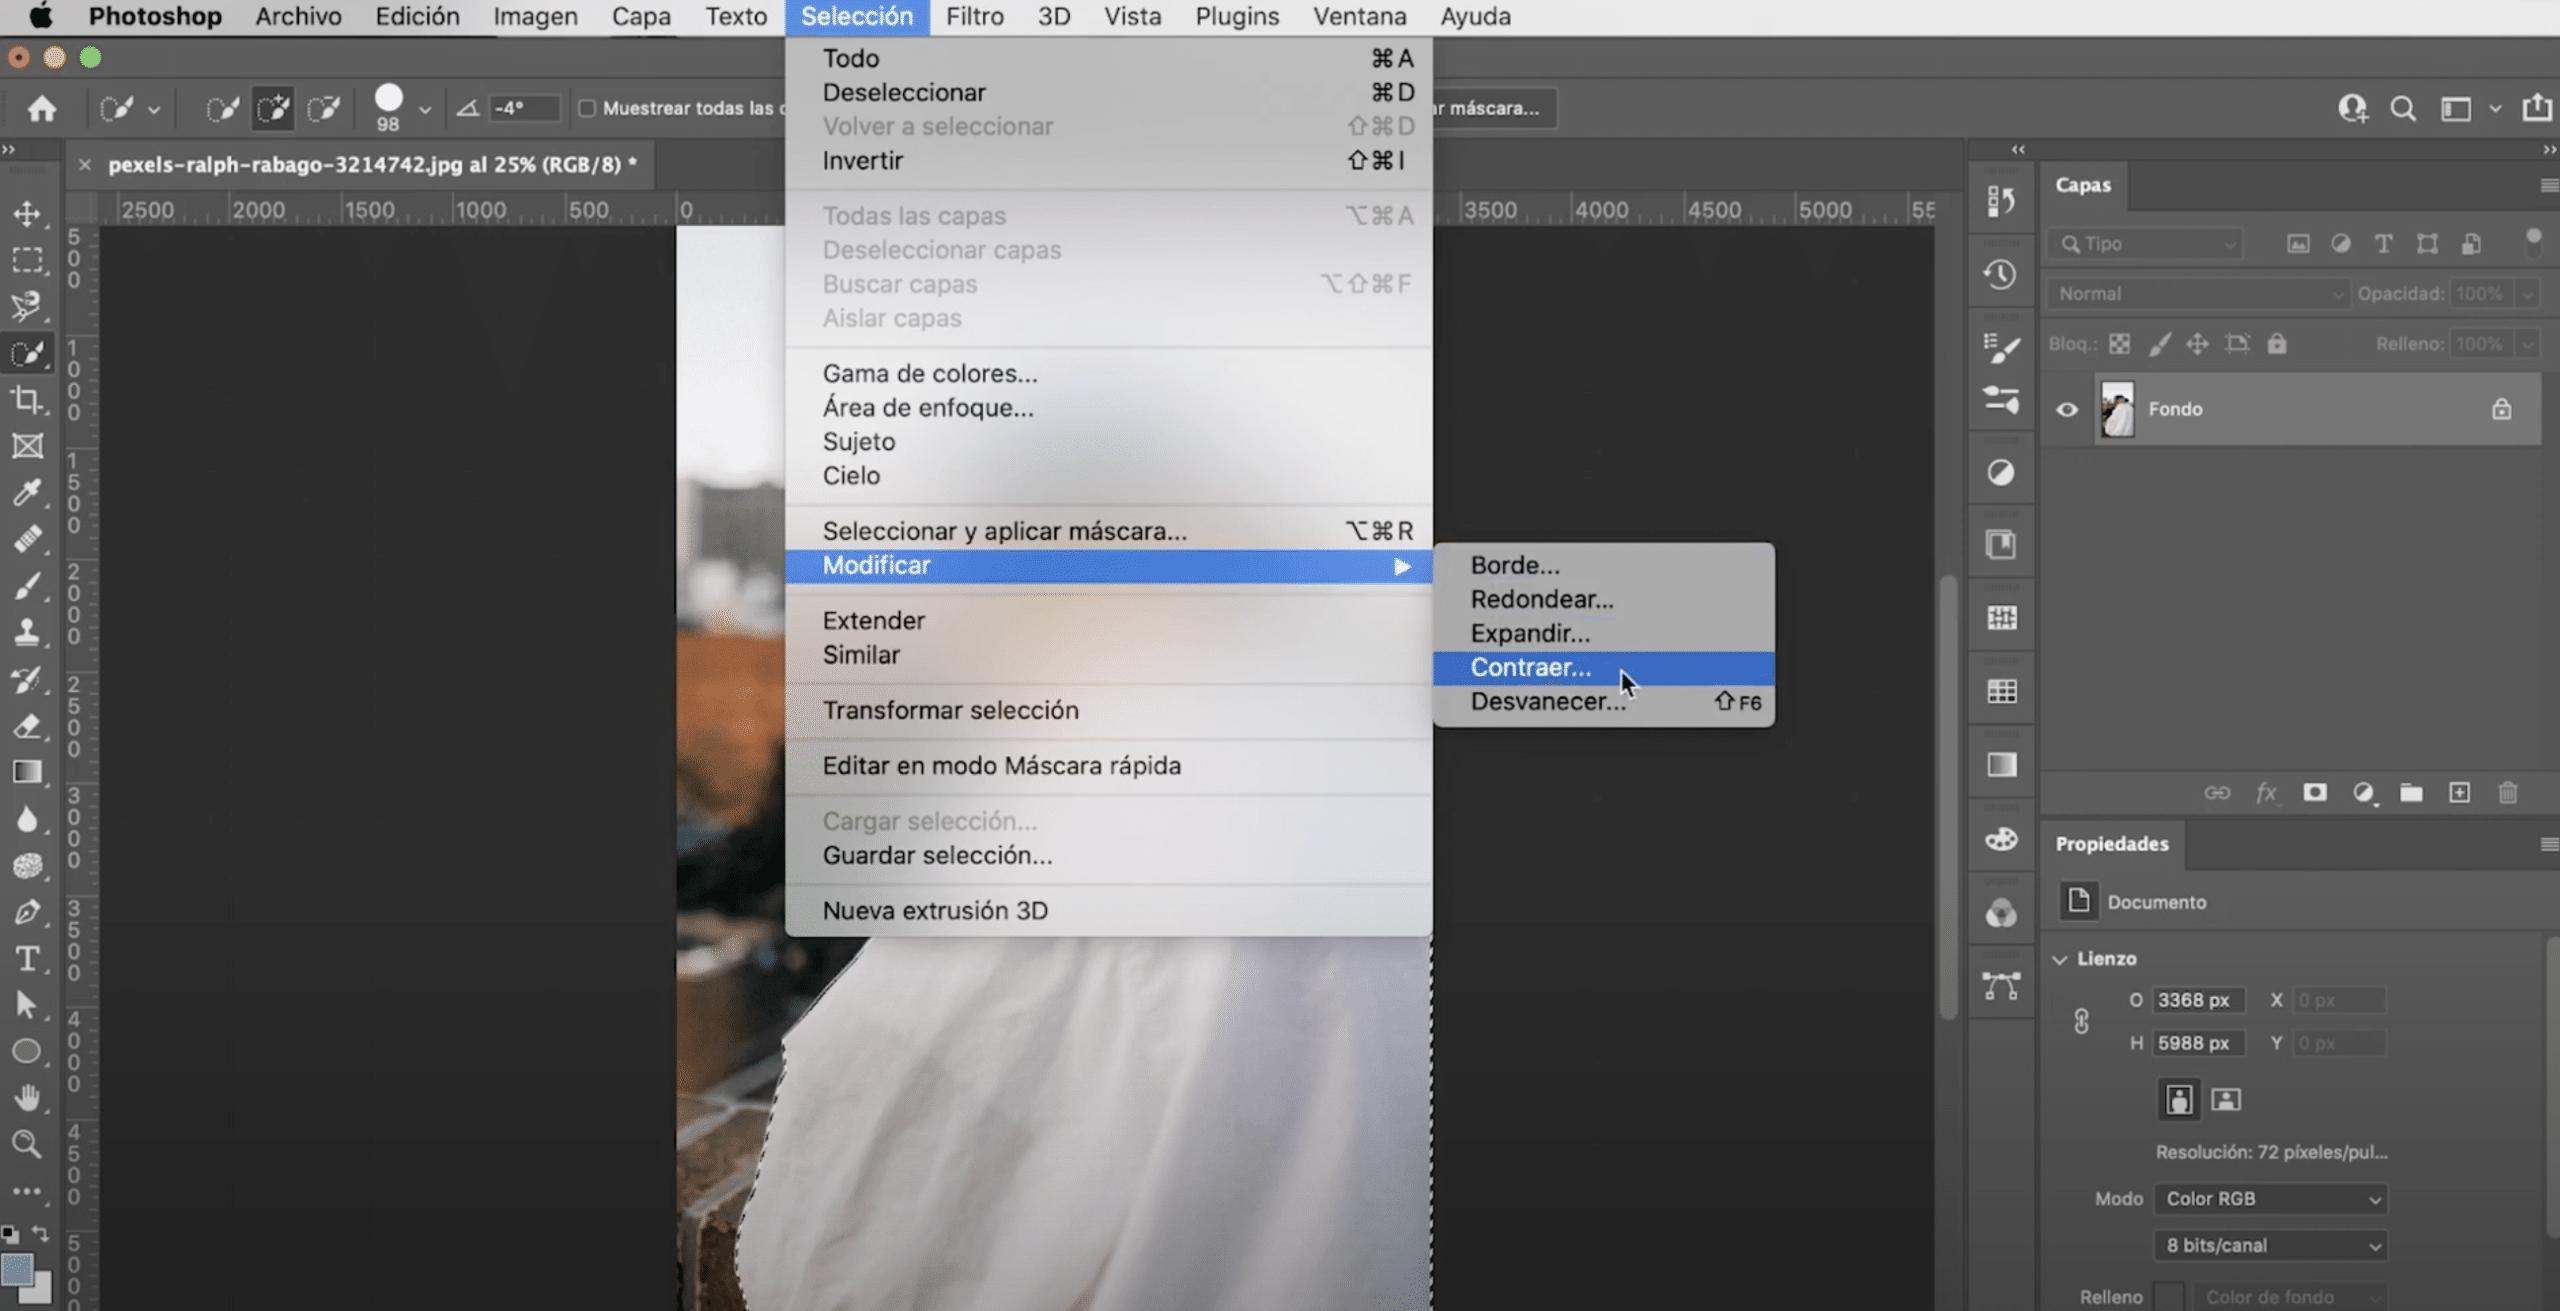 Photoshopでエッジを滑らかにし、選択を強化する方法